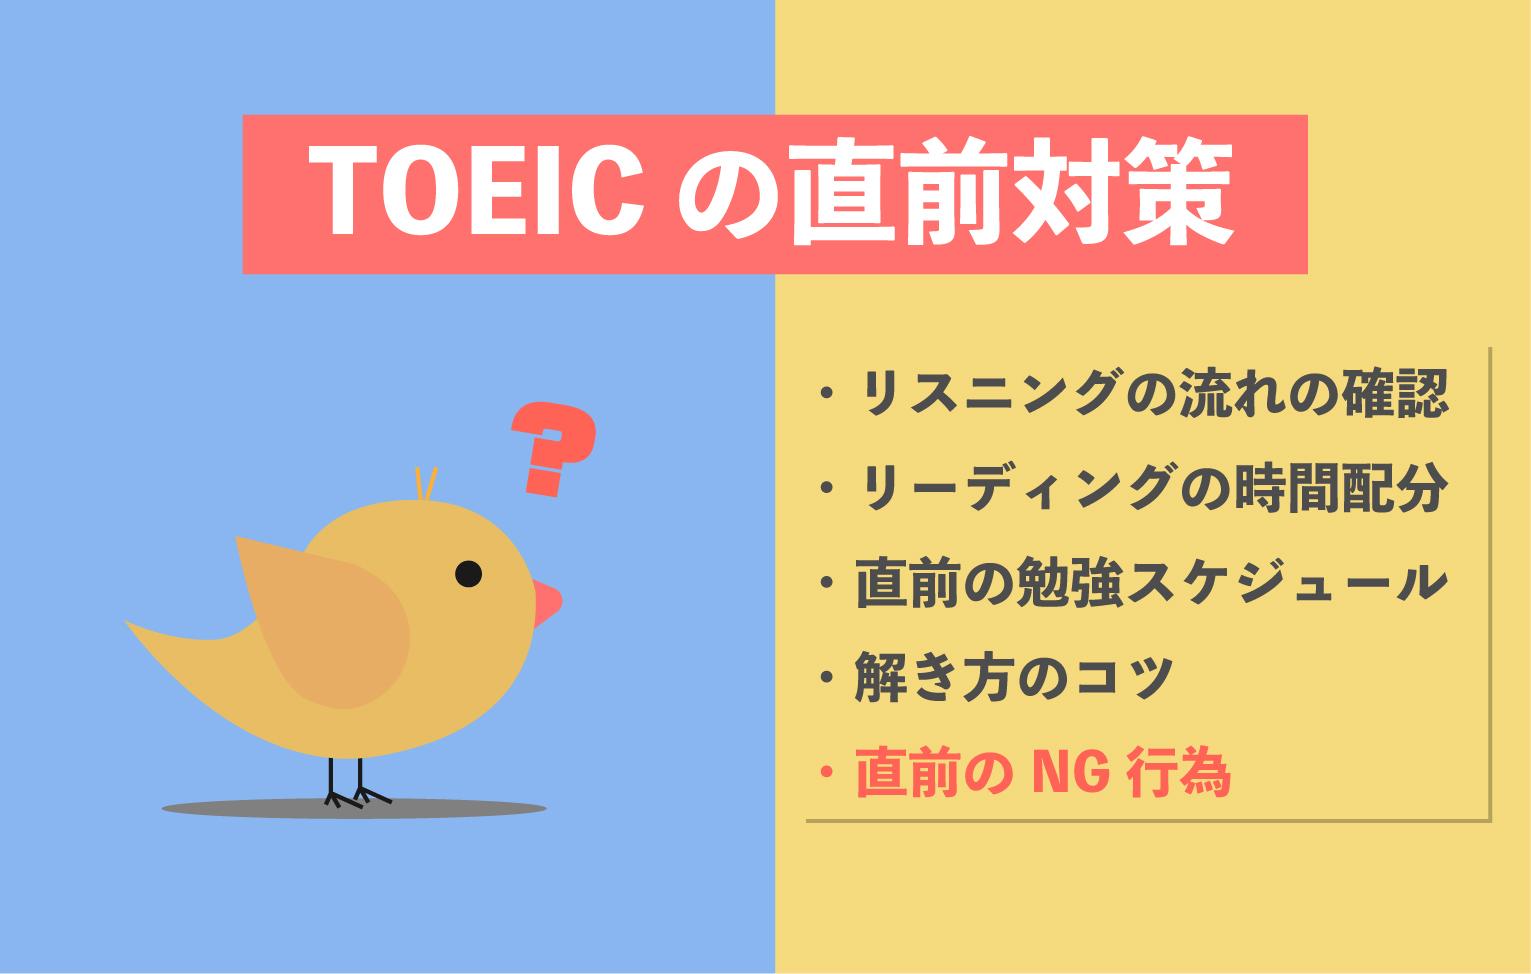 TOEIC テスト前日までにやるべき直前対策【本番に向けて助走しよう!】